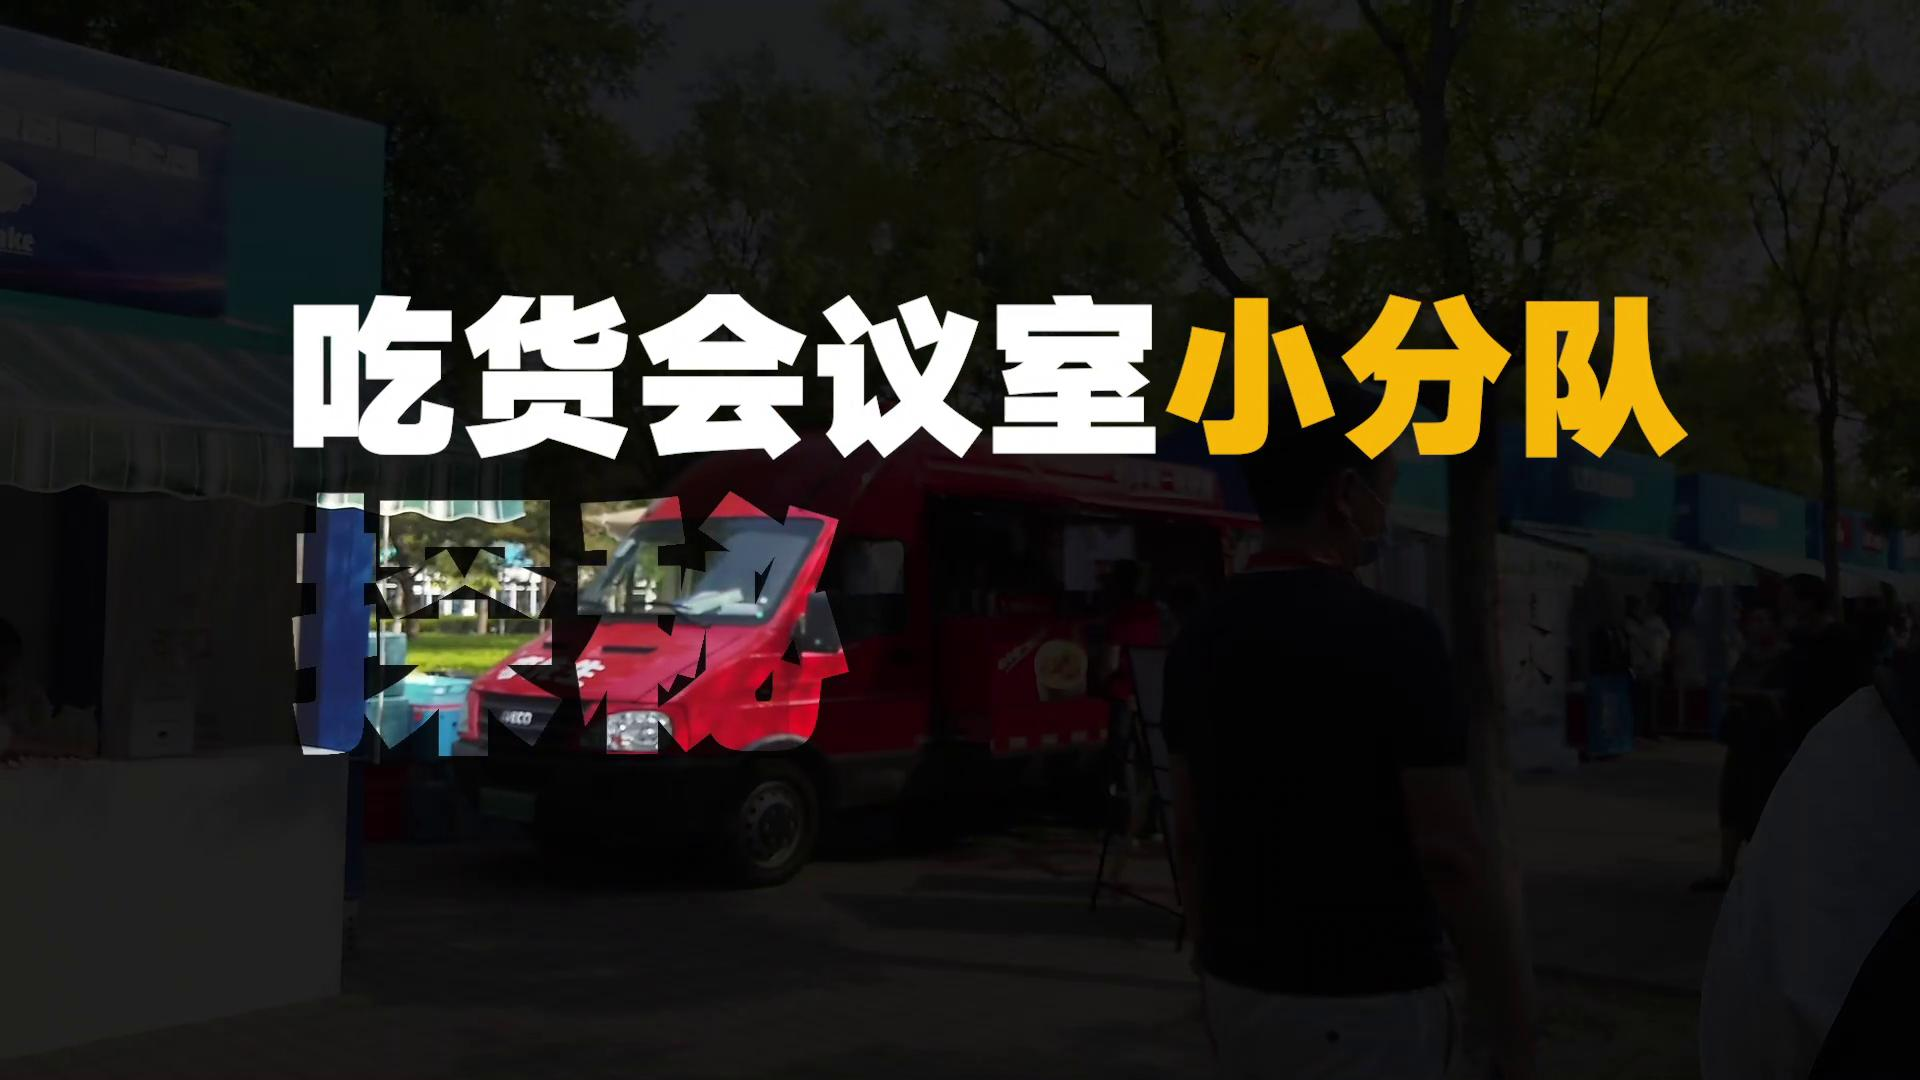 探秘首次亮相服贸会的品牌移动餐车